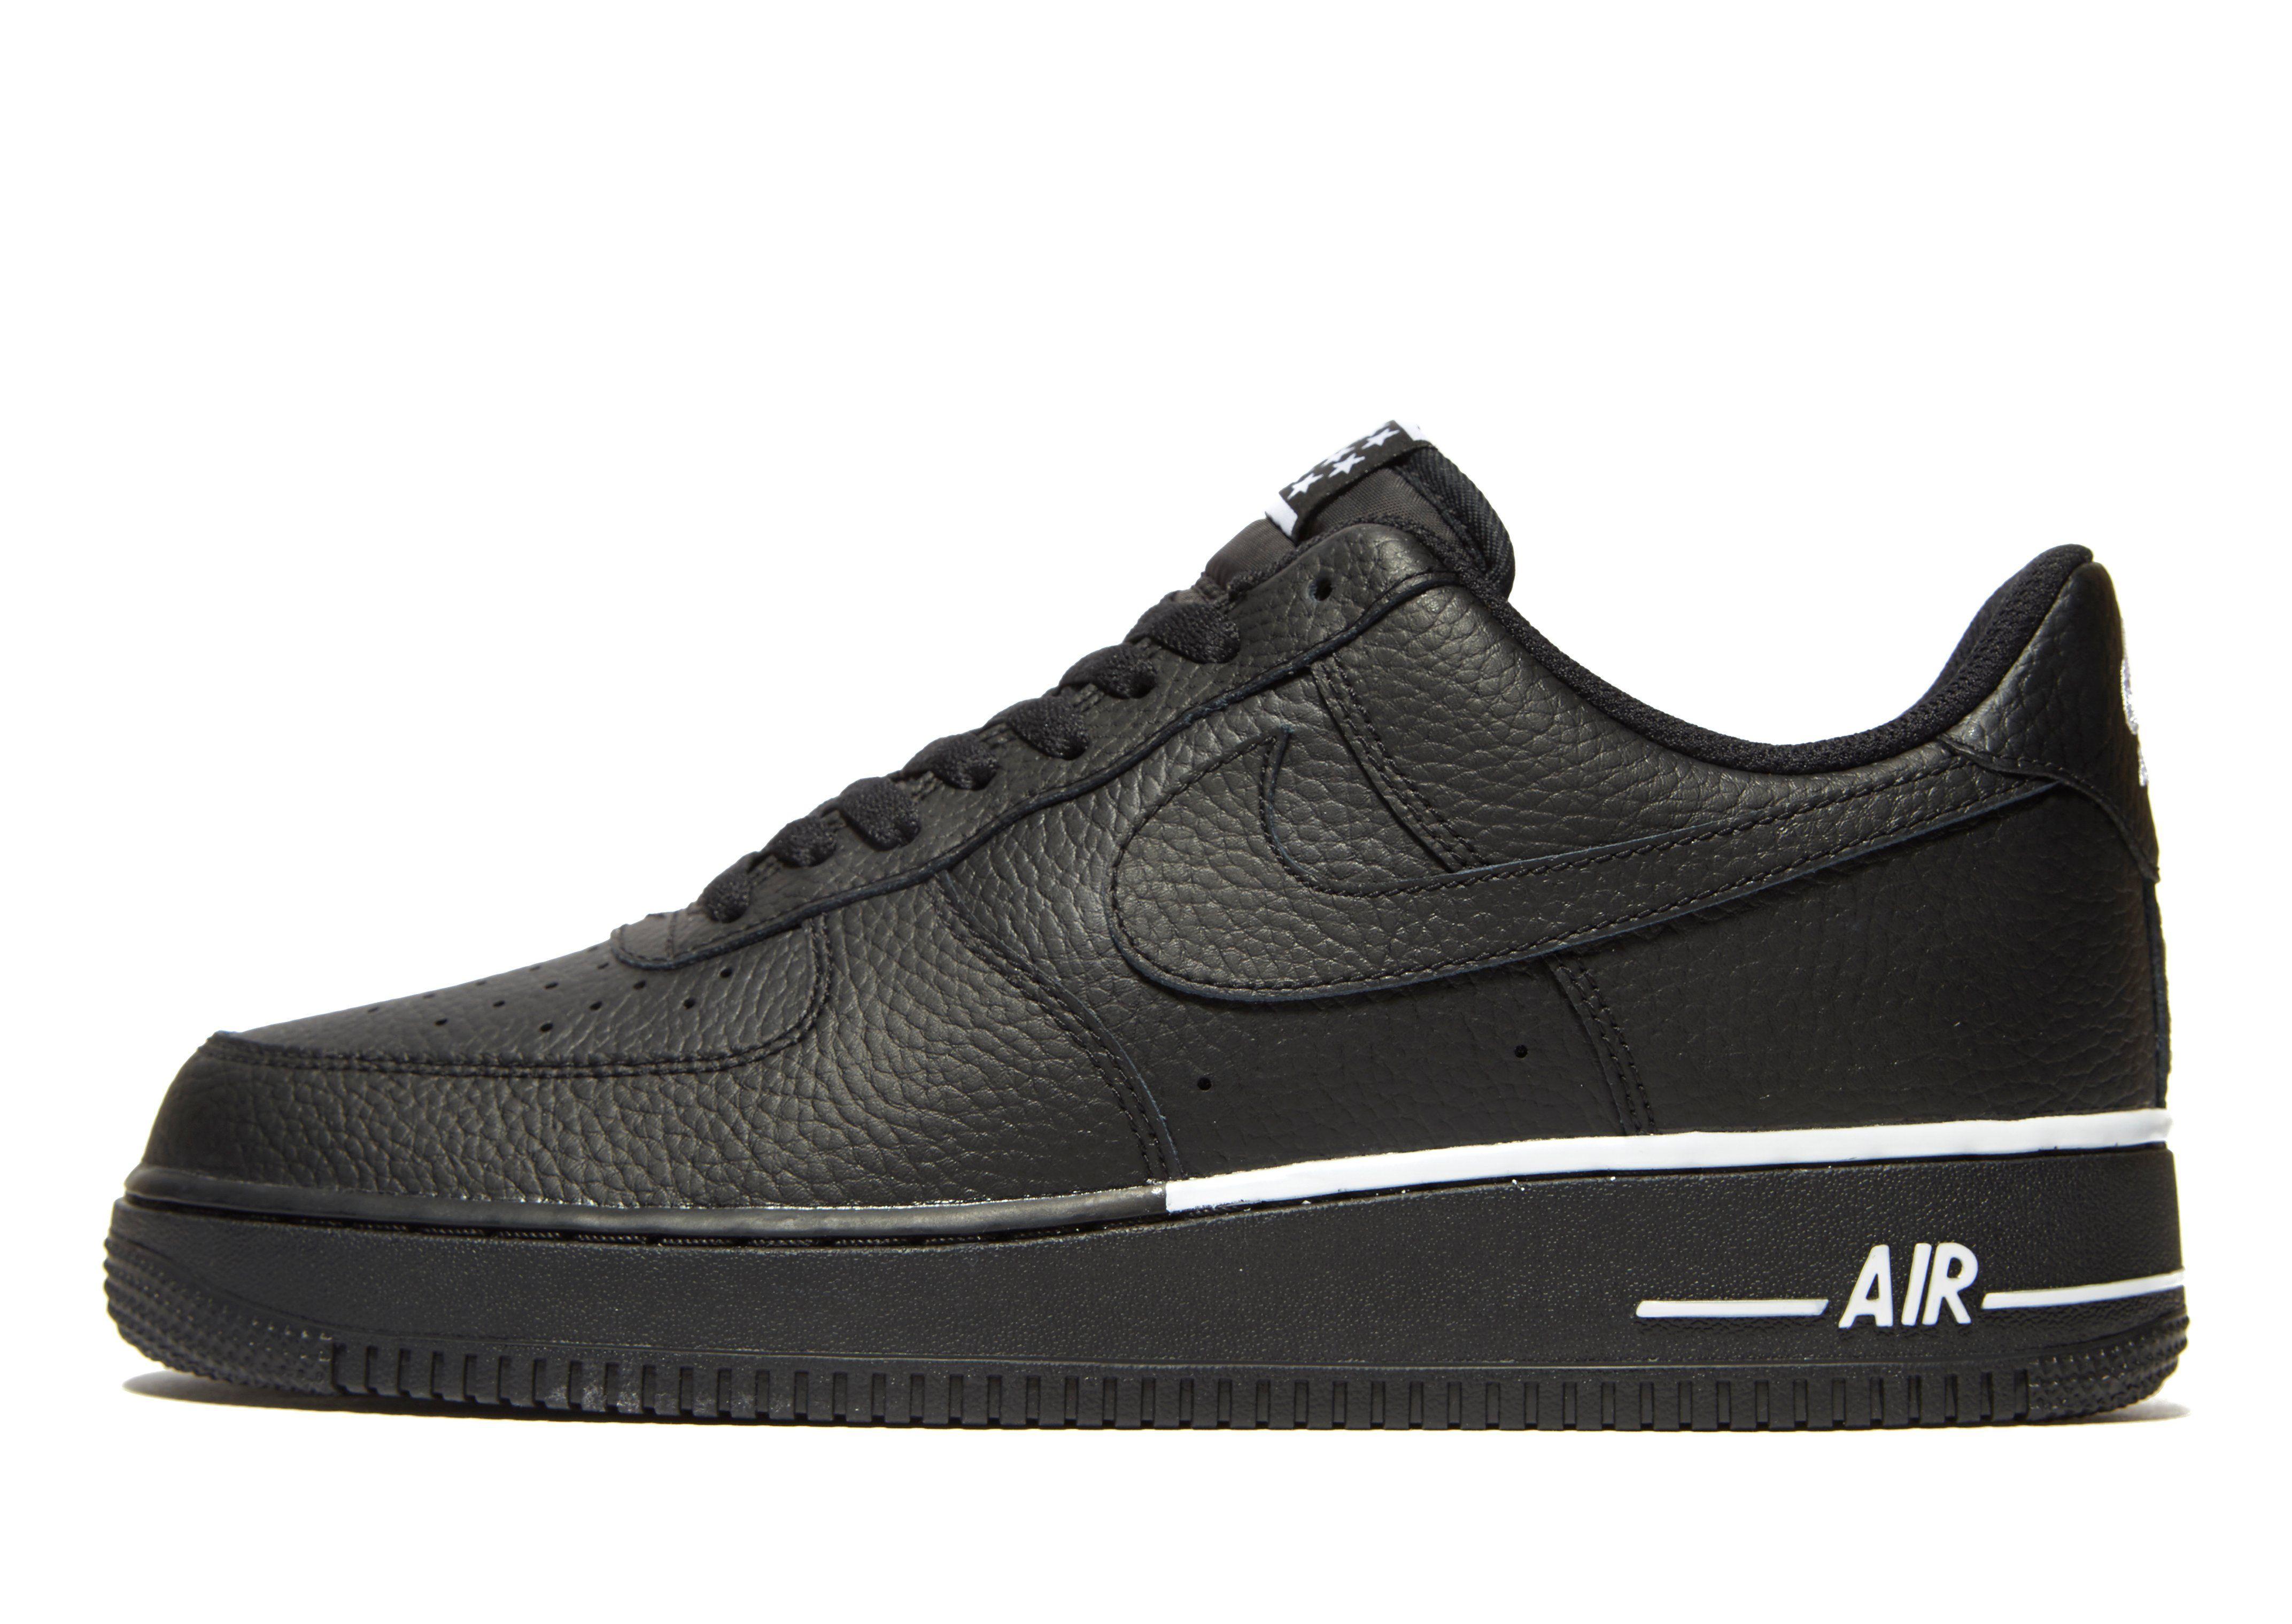 Nike Air Force 1 Low Retro PFM QS 'Ivory Snake'